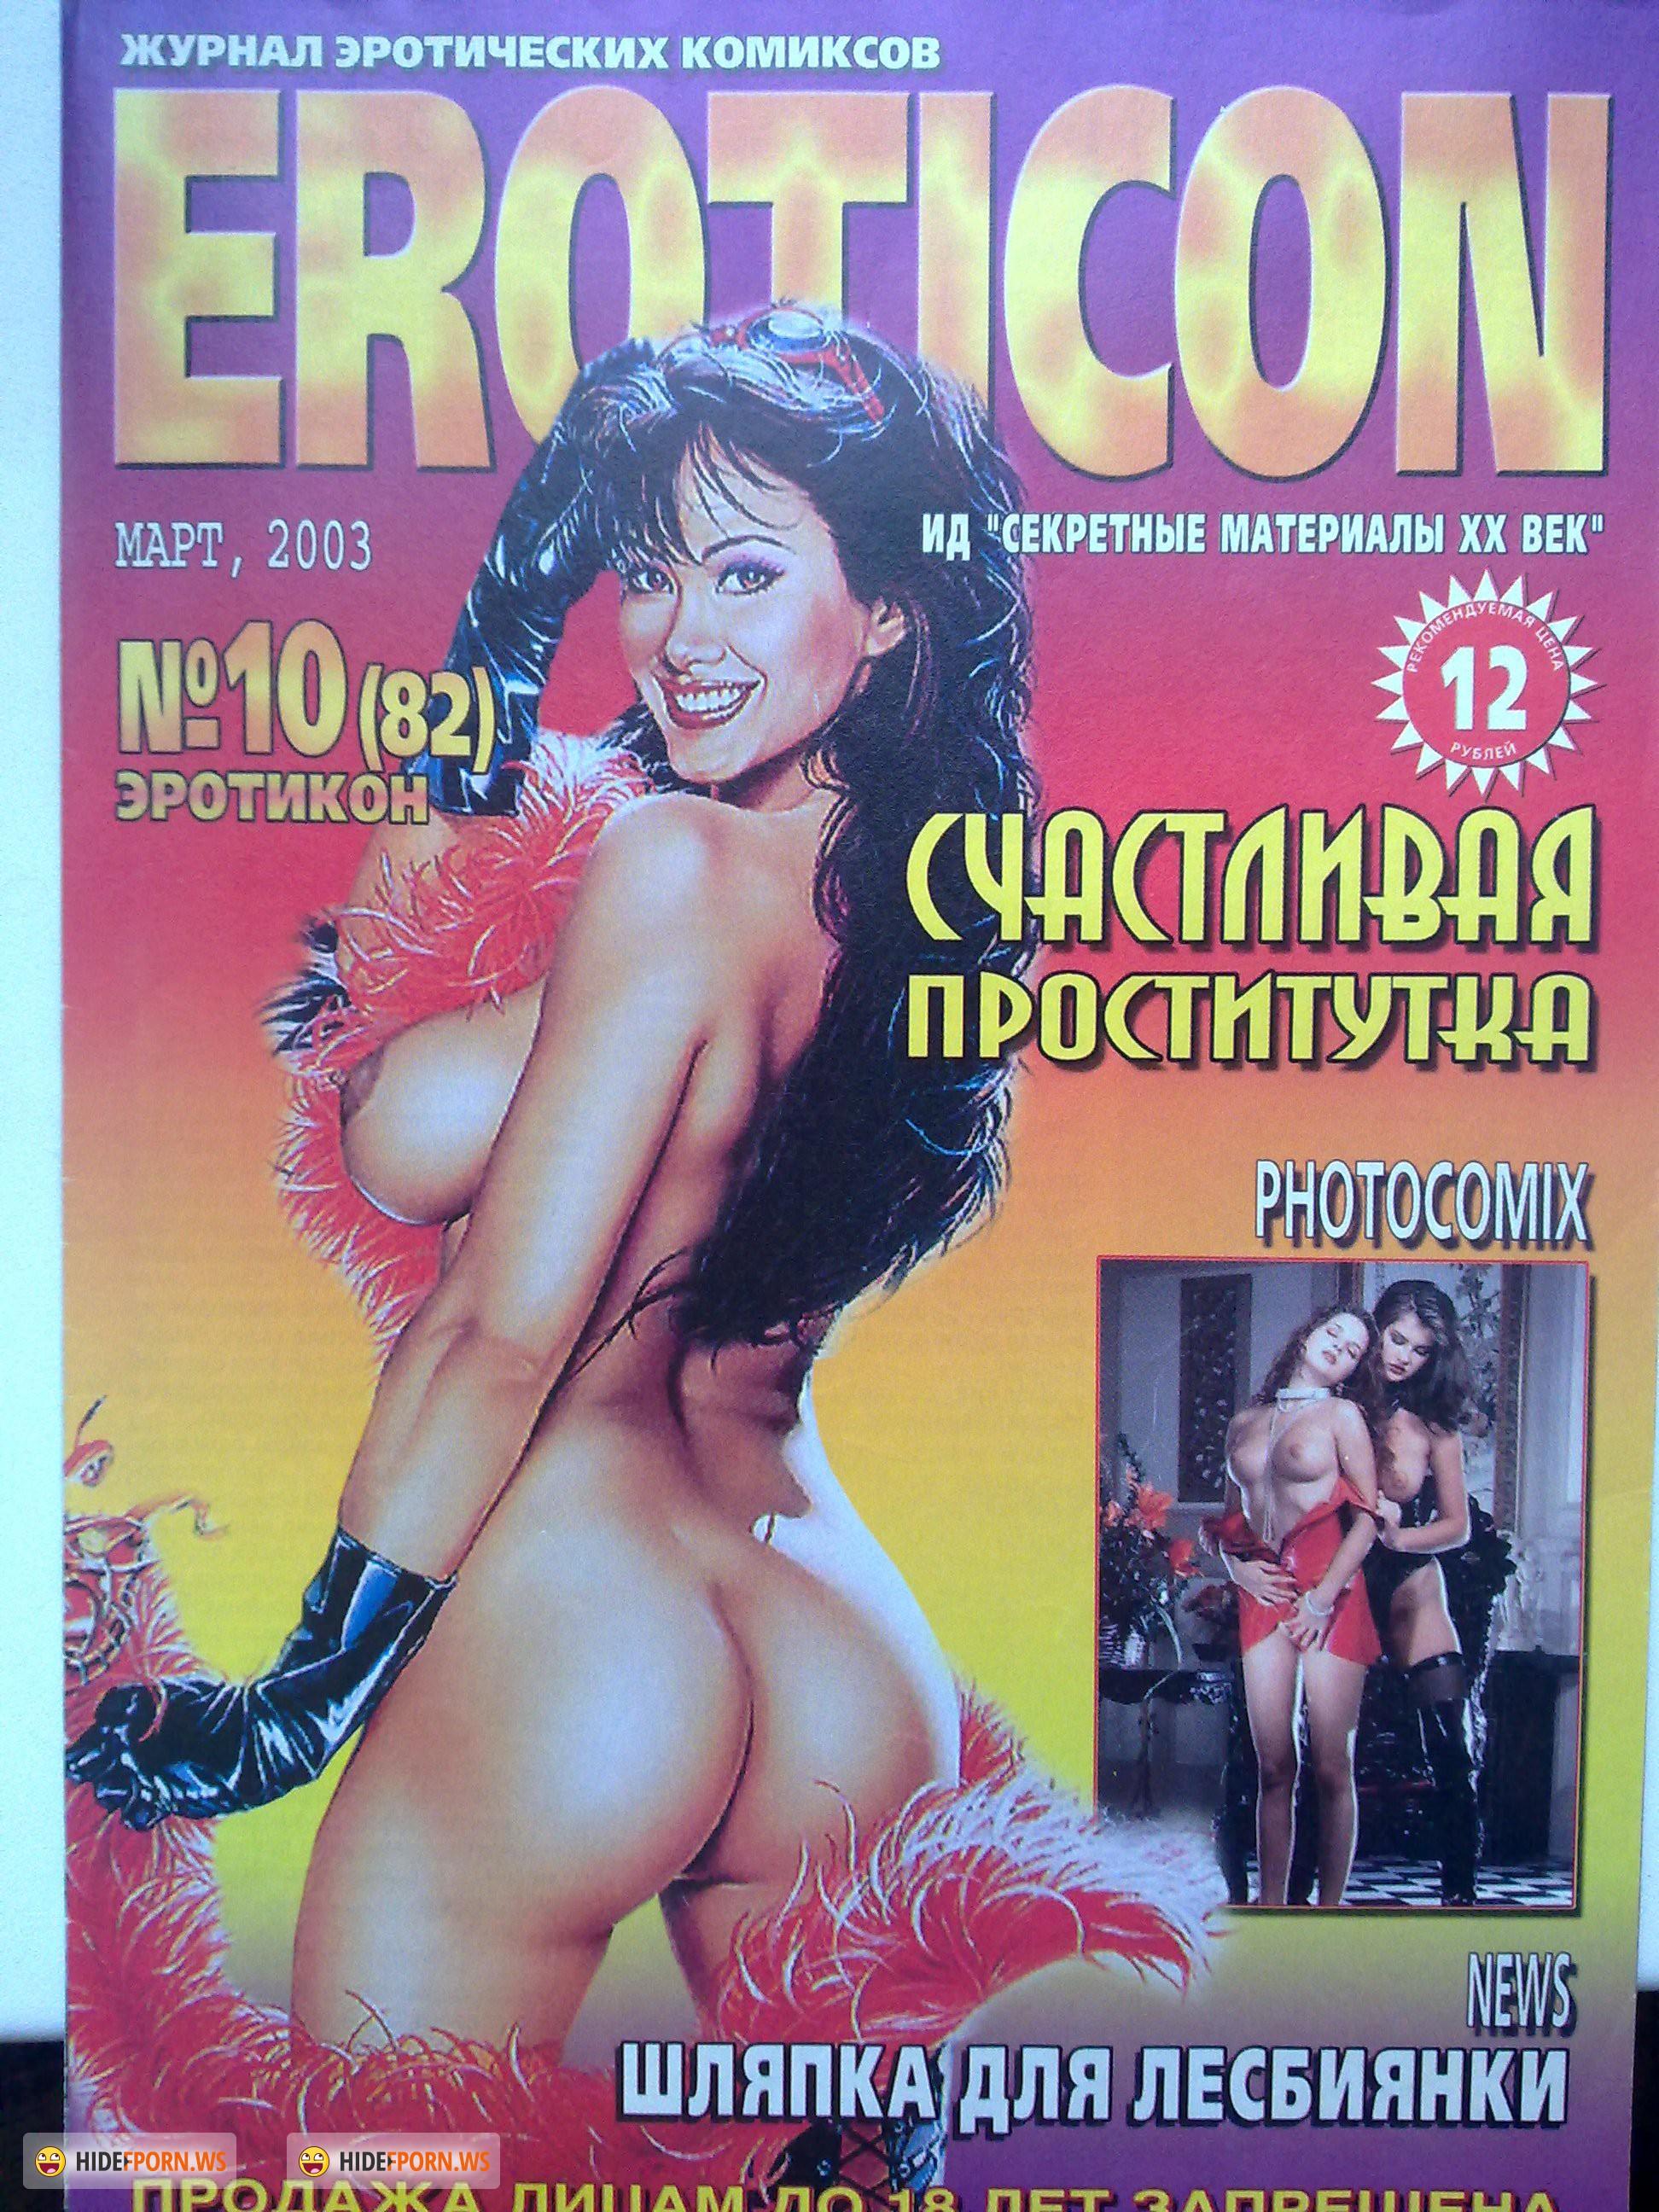 Смотреть фото в эротических журналах 19 фотография